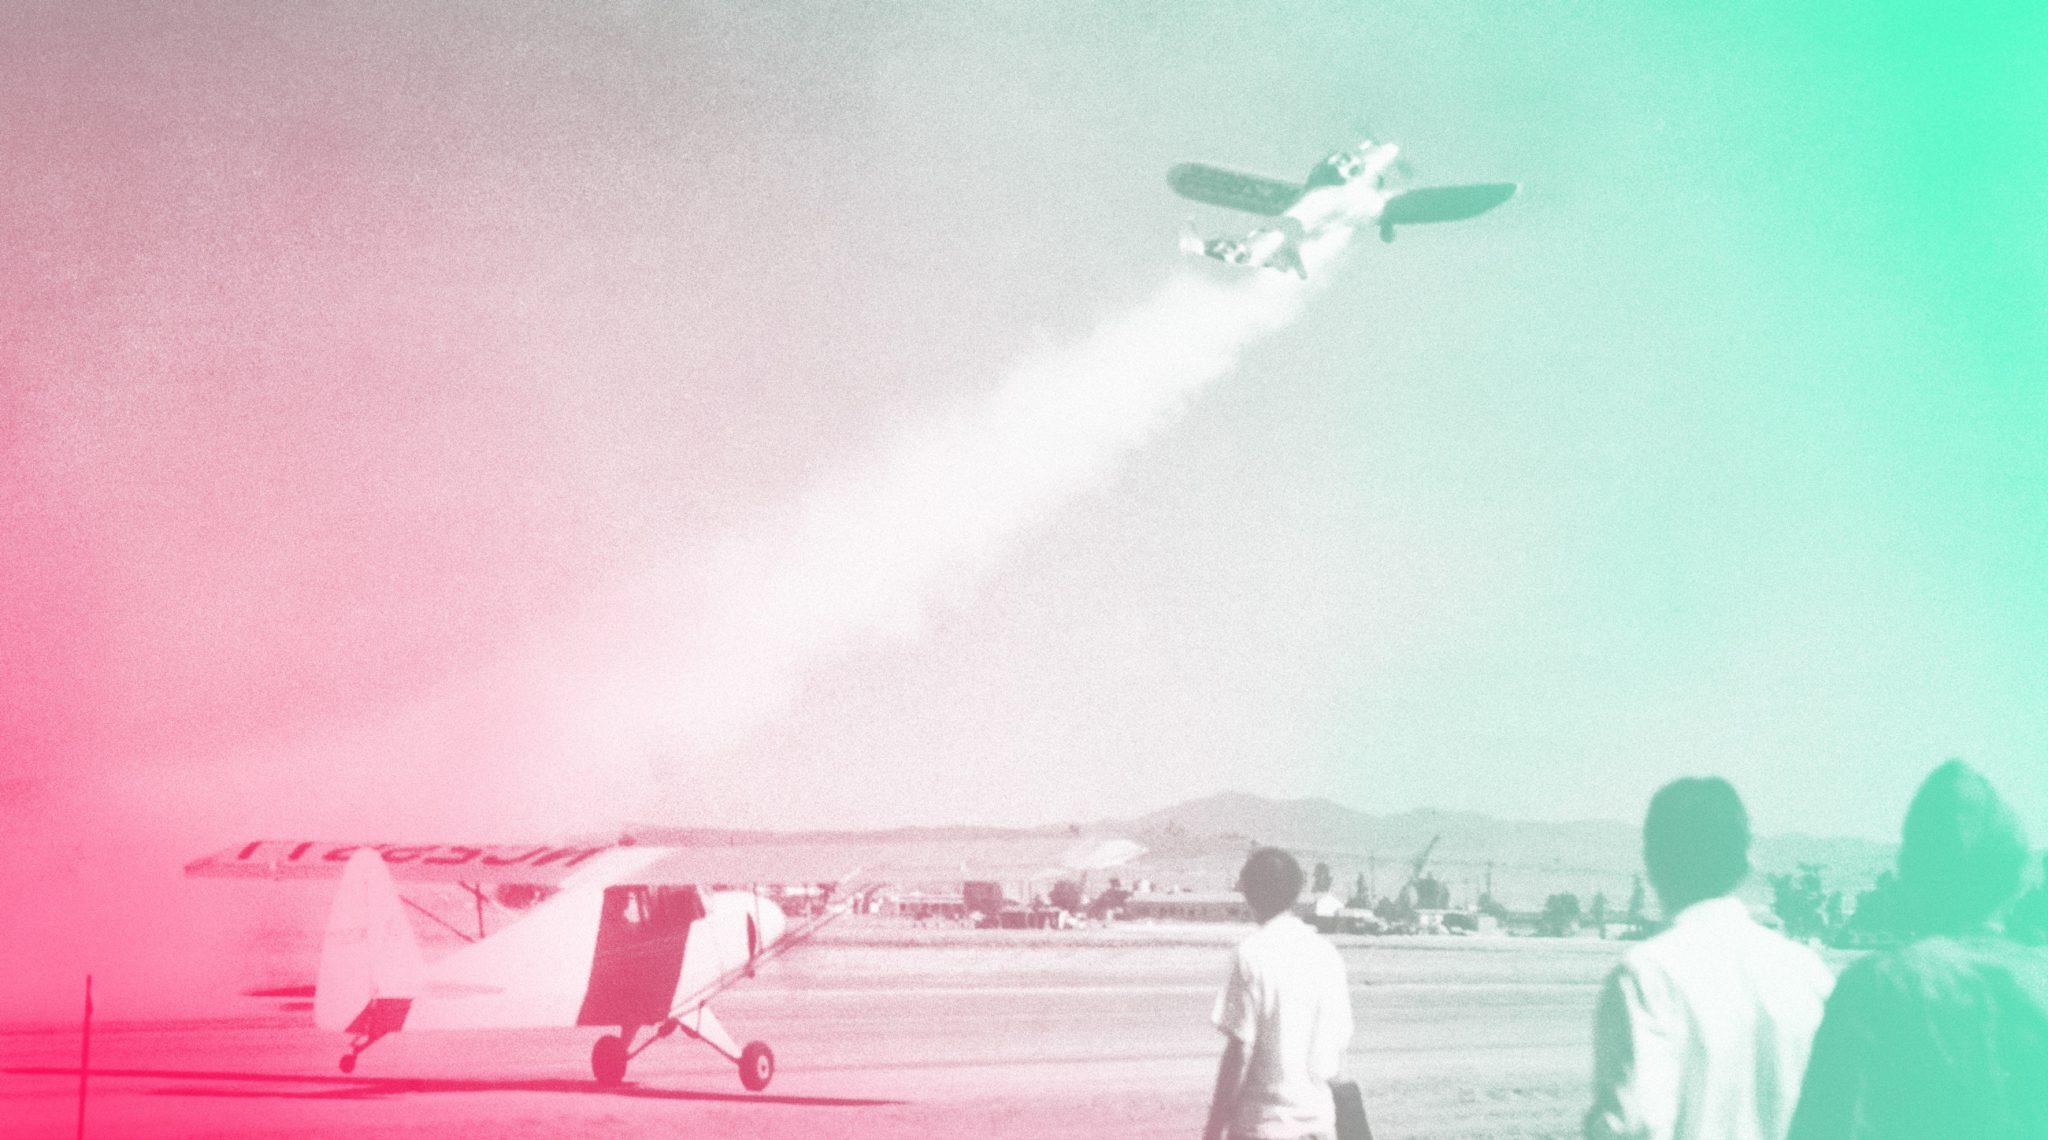 Mit wem wir Innovationen provozieren?